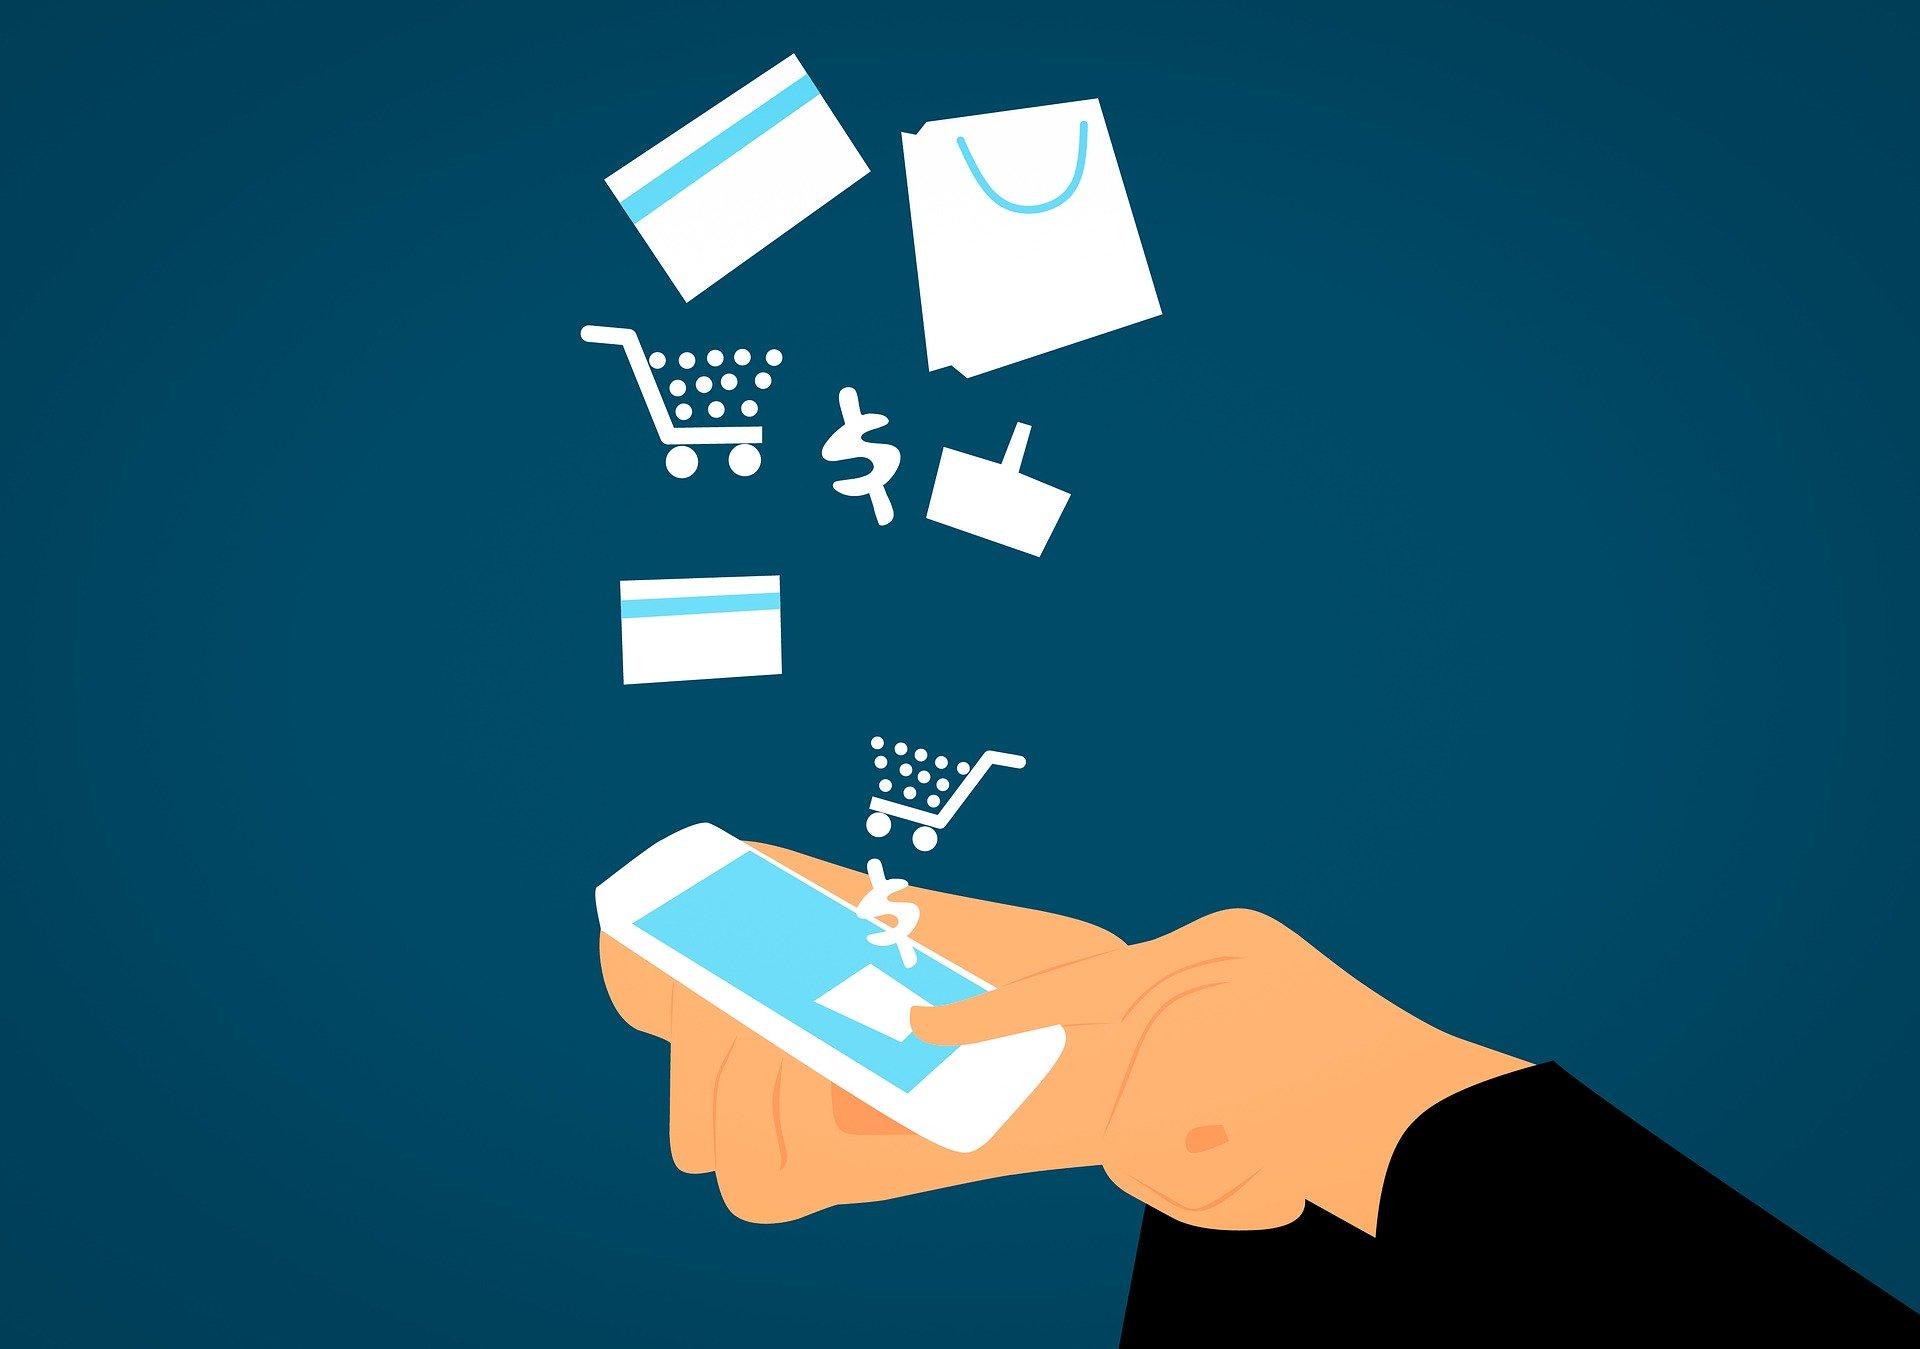 ネットショップ(ECサイト)で利用したい決済サービスを検討するまえに、確認したい5つのポイント!